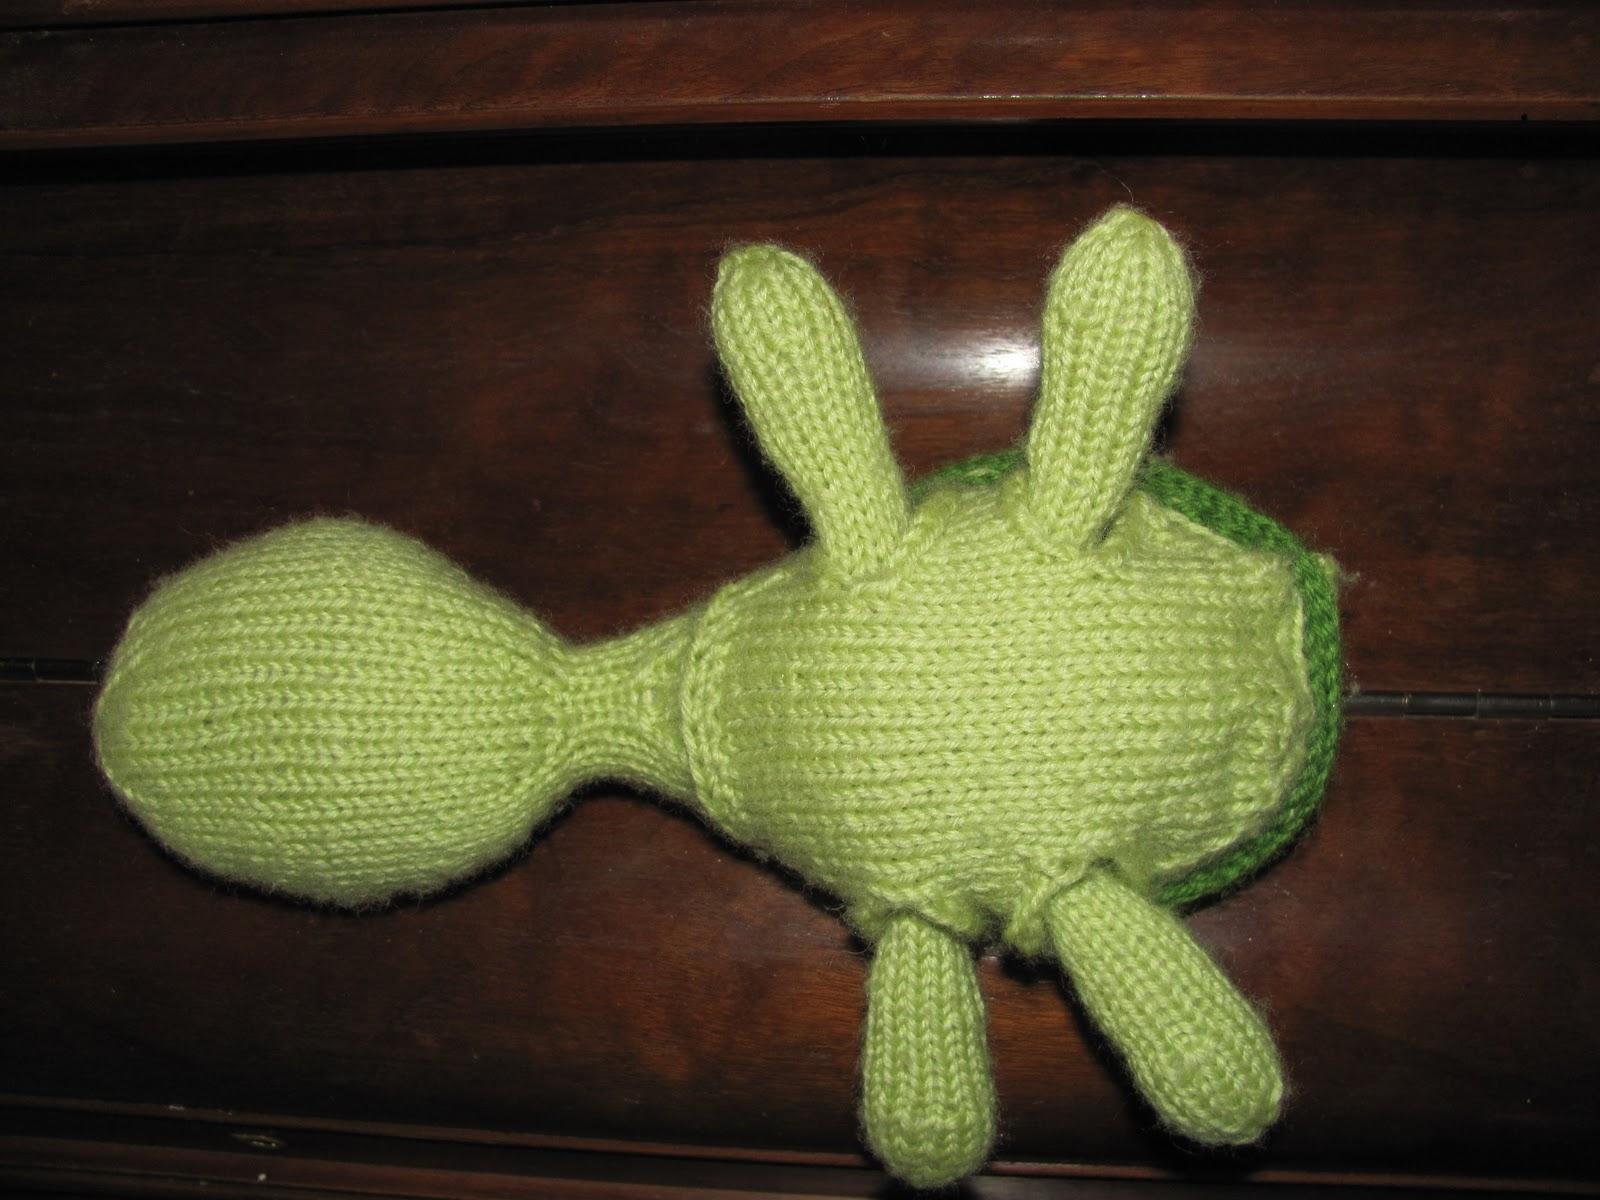 Knitting Knotty : Knotty knits and naughty kids sheldon